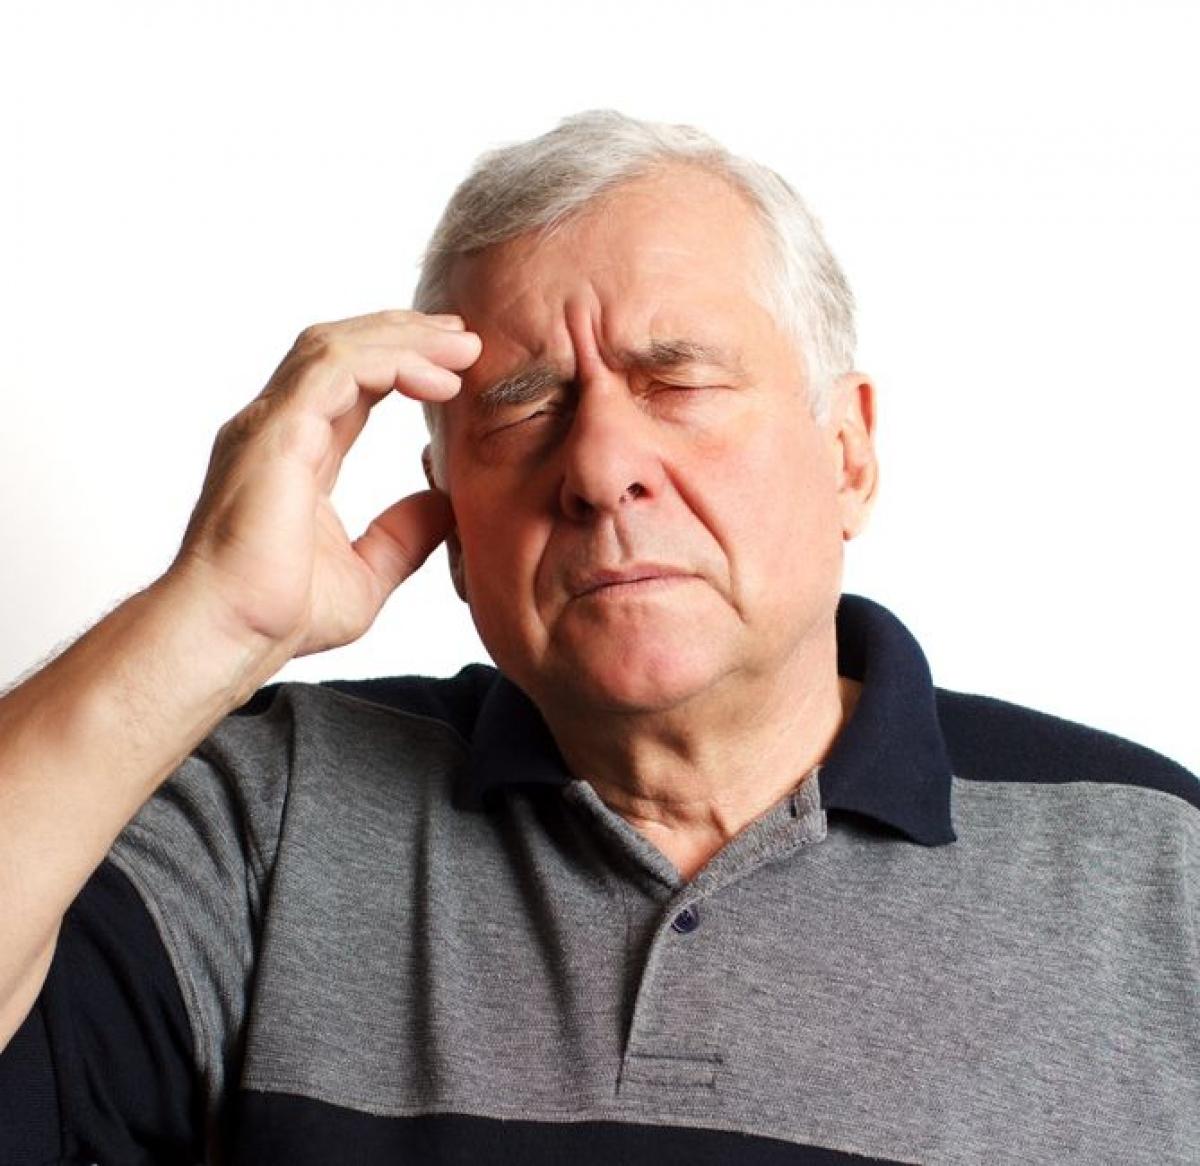 Stress: Nghiên cứu cho thấy những người dễ cáu gắt và dễ mất bình tĩnh có nguy cơ đột quỵ cao hơn những người có khả năng chịu đựng áp lực cao. Chuyên gia cũng chỉ ra rằng căng thẳng kéo dài làm tăng nguy cơ đột quỵ và đau tim.